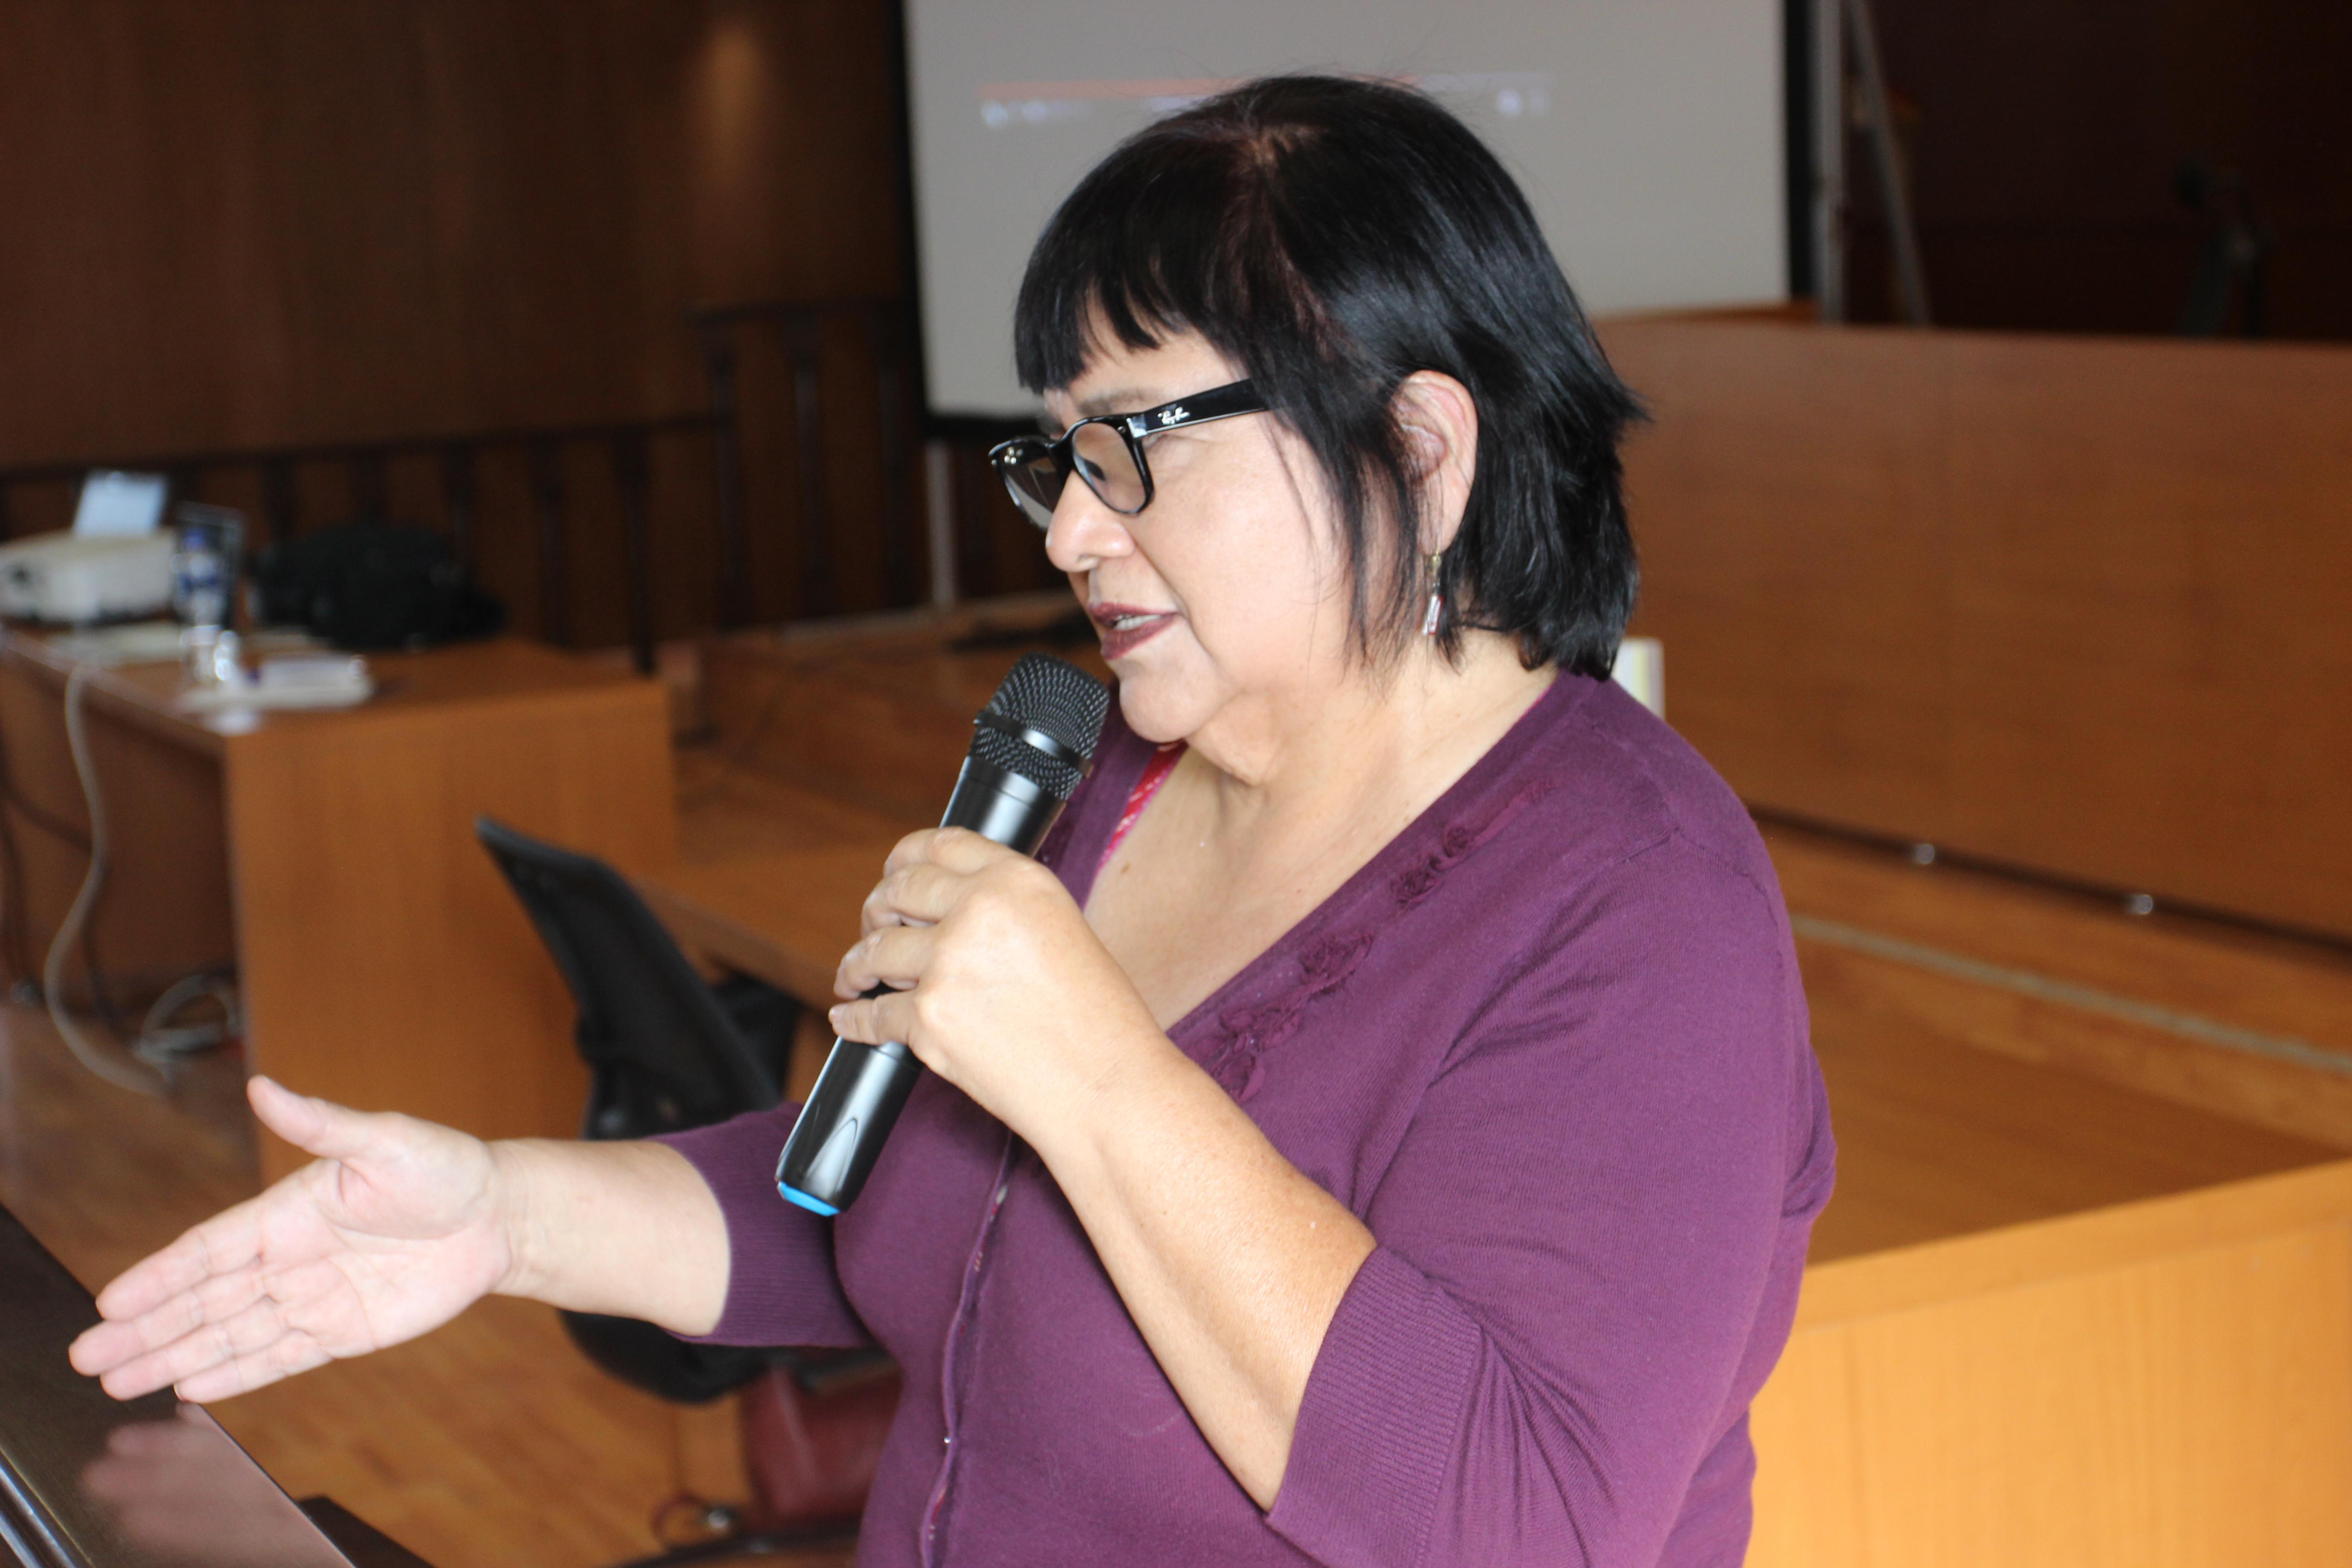 Conferencia impartida por las artistas Vickie Vértiz y Victoria Delgadillo